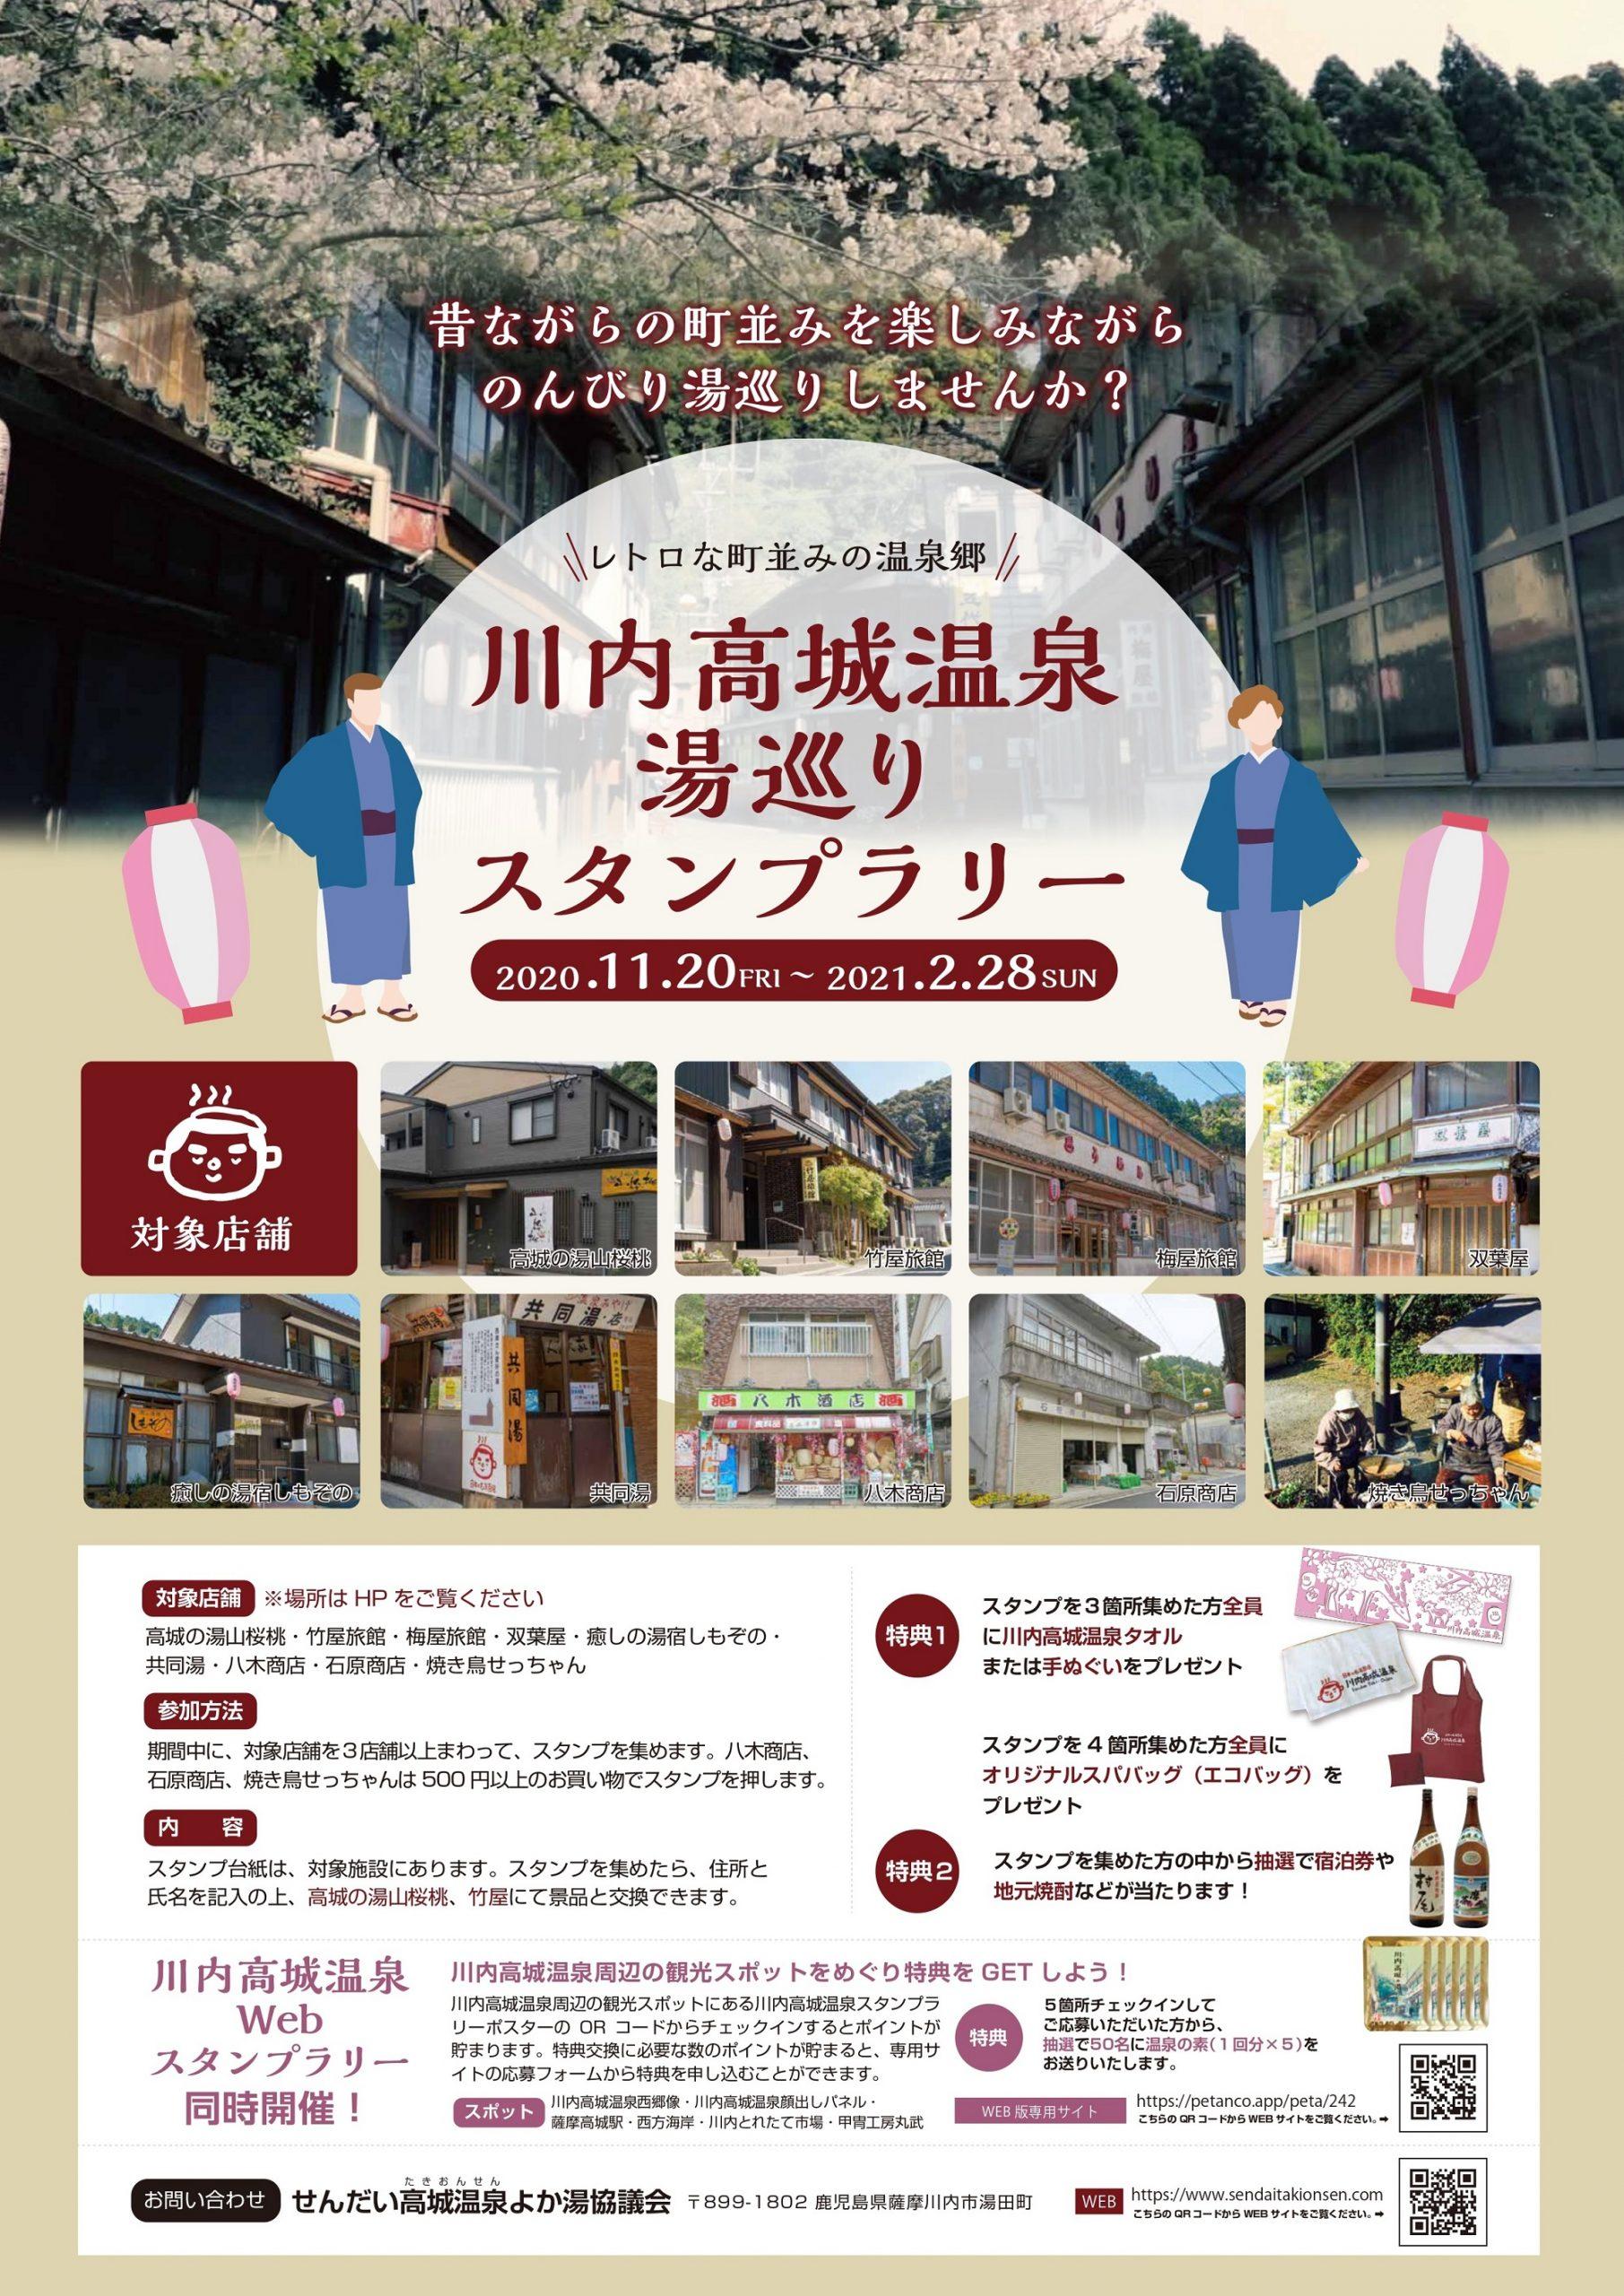 川内高城温泉湯巡りスタンプラリー&Webスタンプラリー